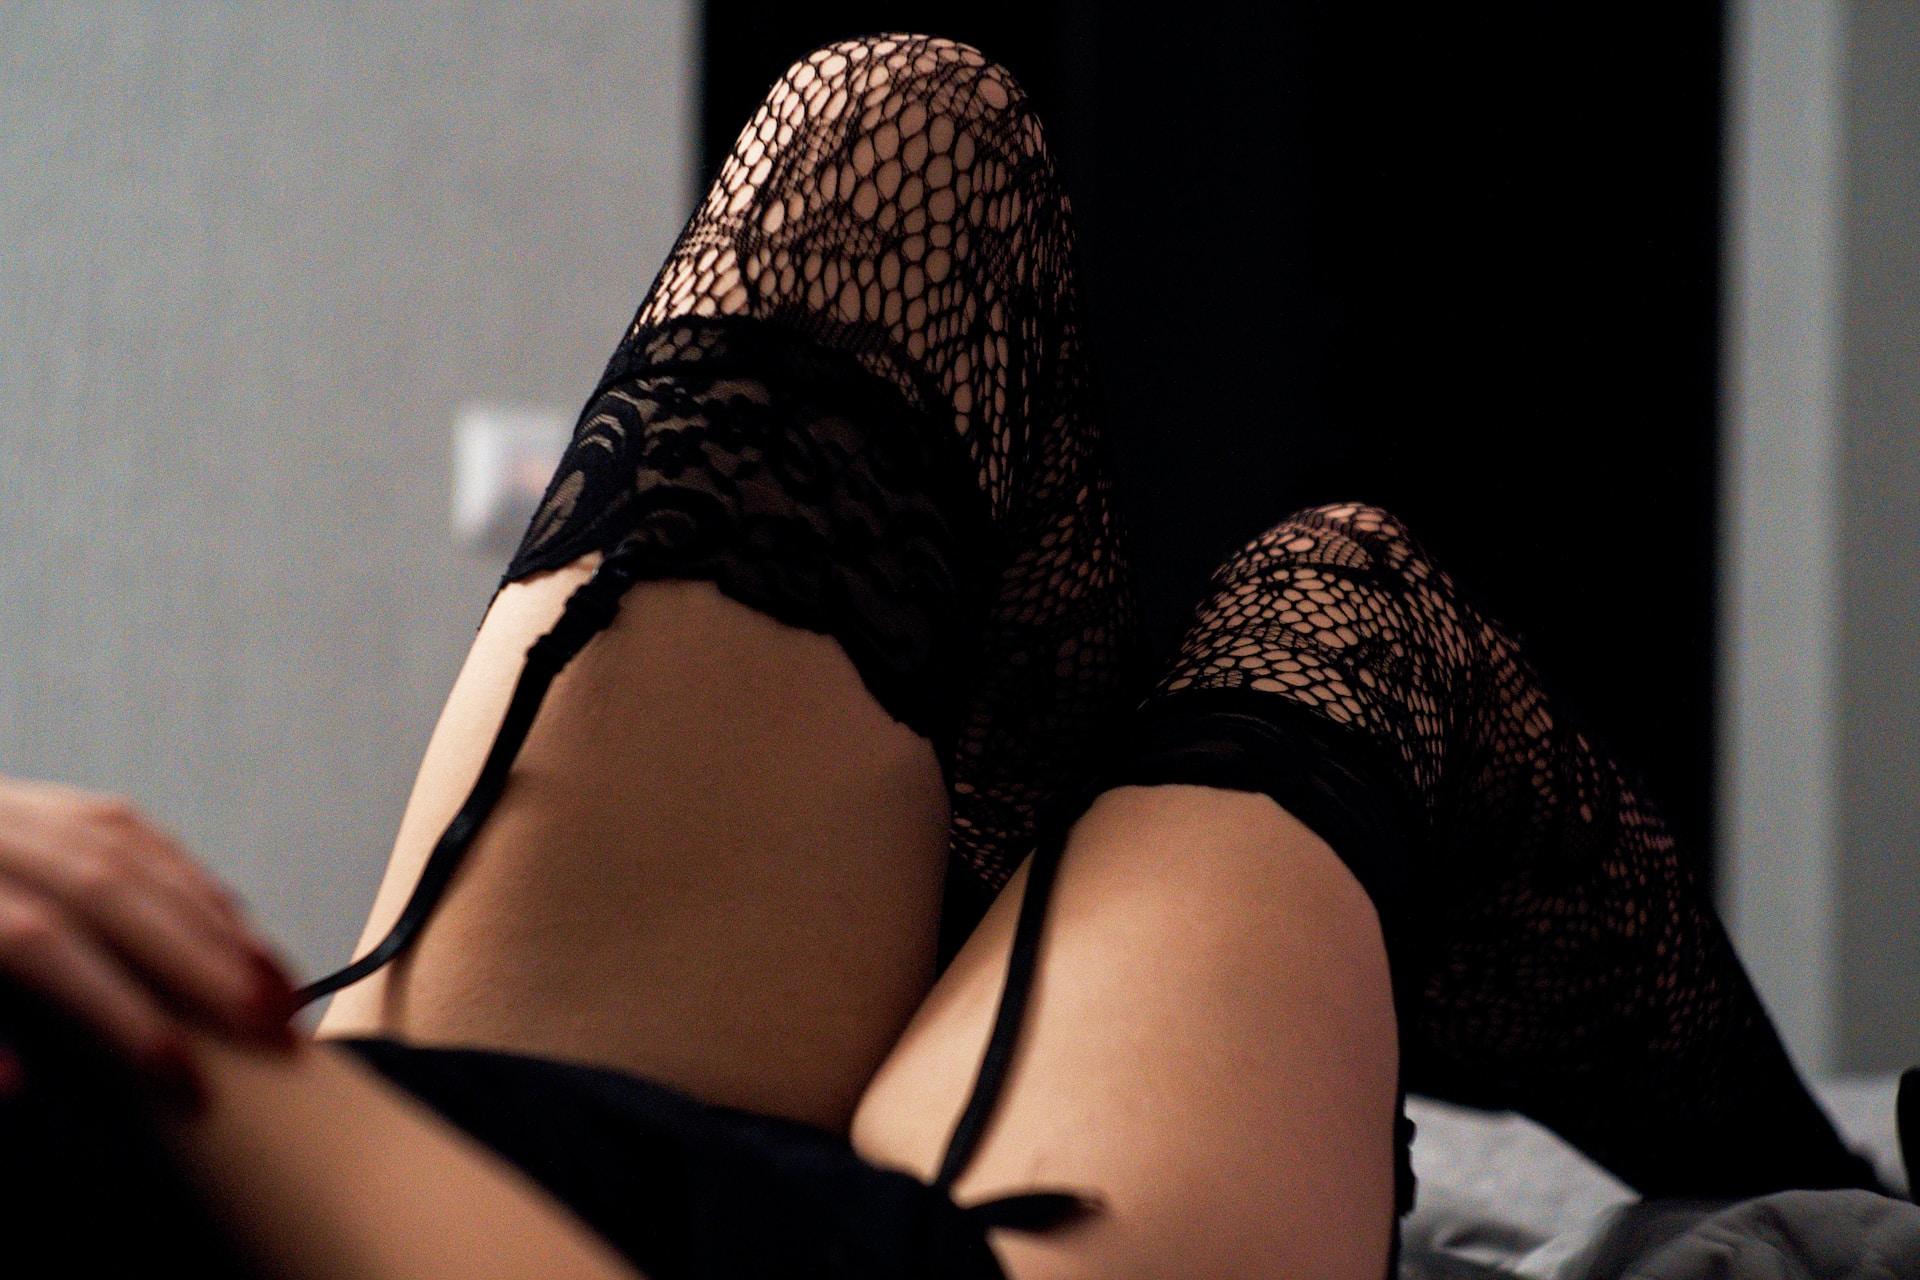 woman wearing mesh stockings